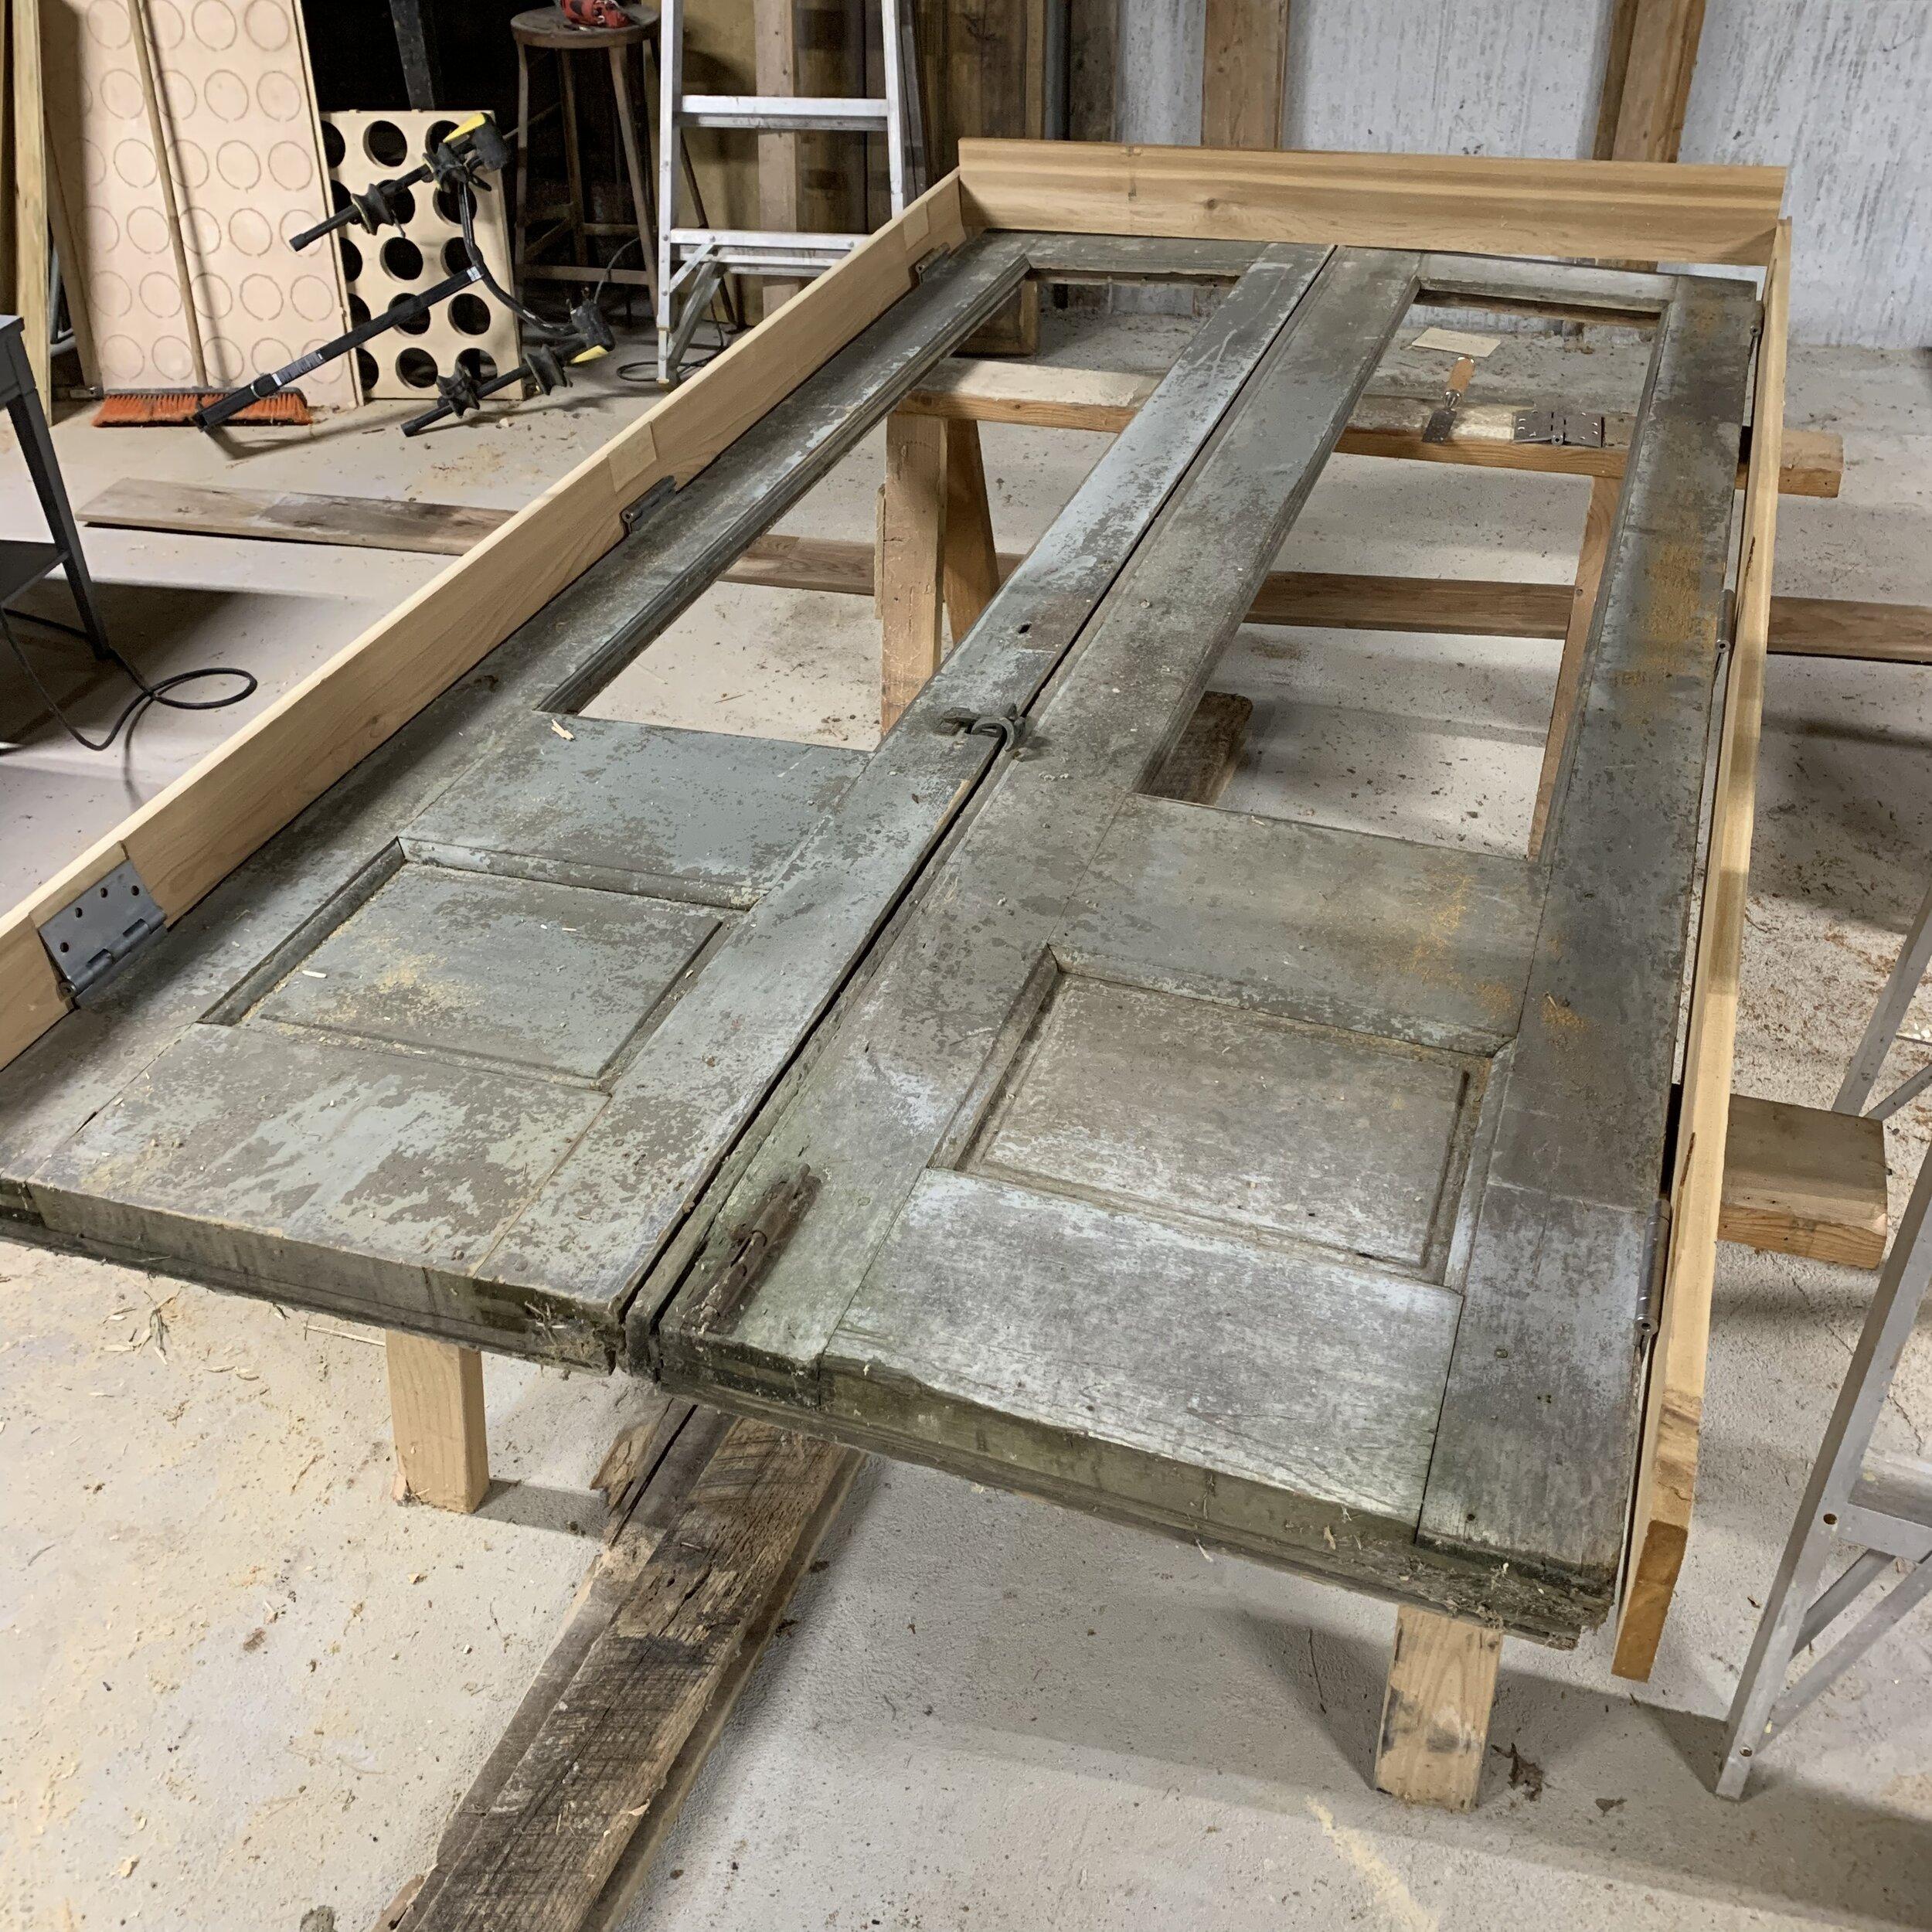 How to build a door jamb